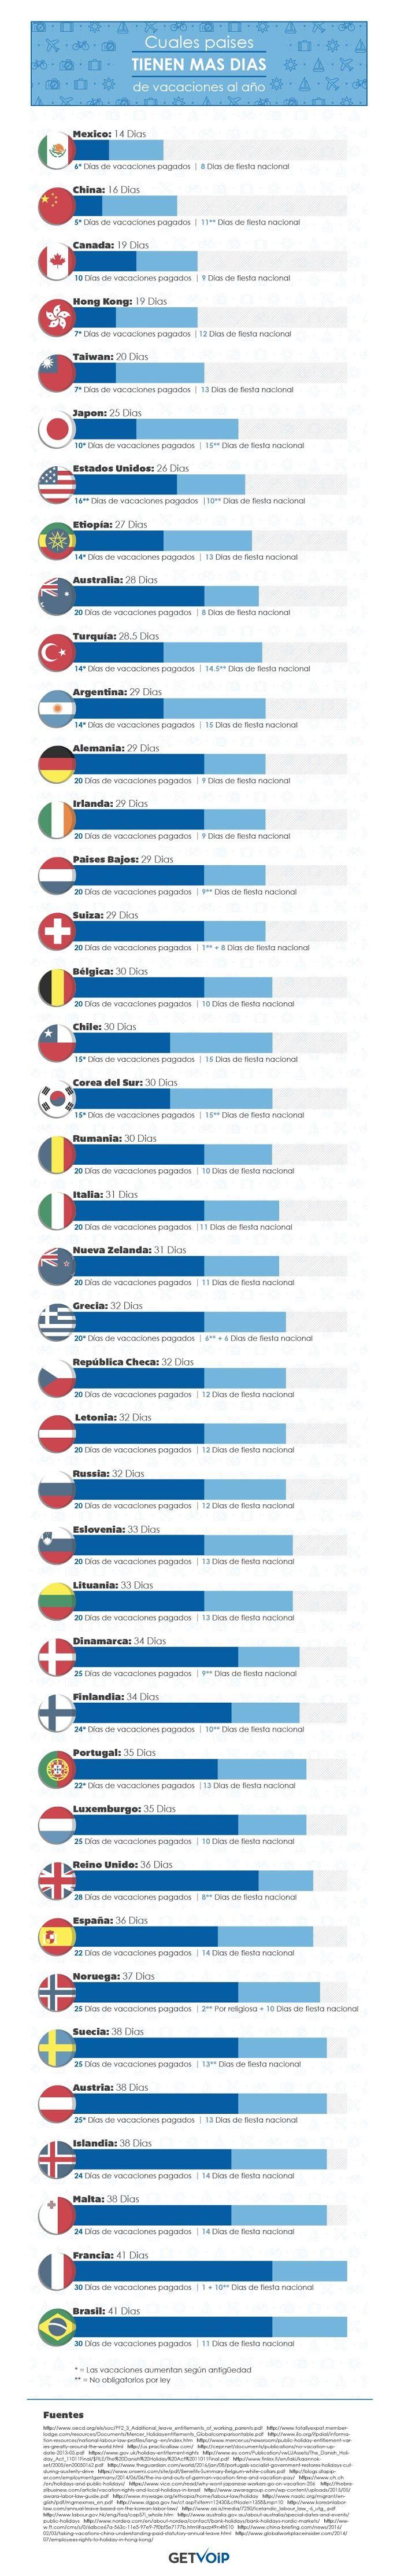 Brasil es el país con más días de vacaciones pagadas, con un total de 30 días de vacaciones por año + 11 días de fiesta nacional, según un informe publicado por Getvoip. Entre los países con menos días de vacaciones, el top es liderado por México, China y Canadá. Colombia no aparece en el listado, …